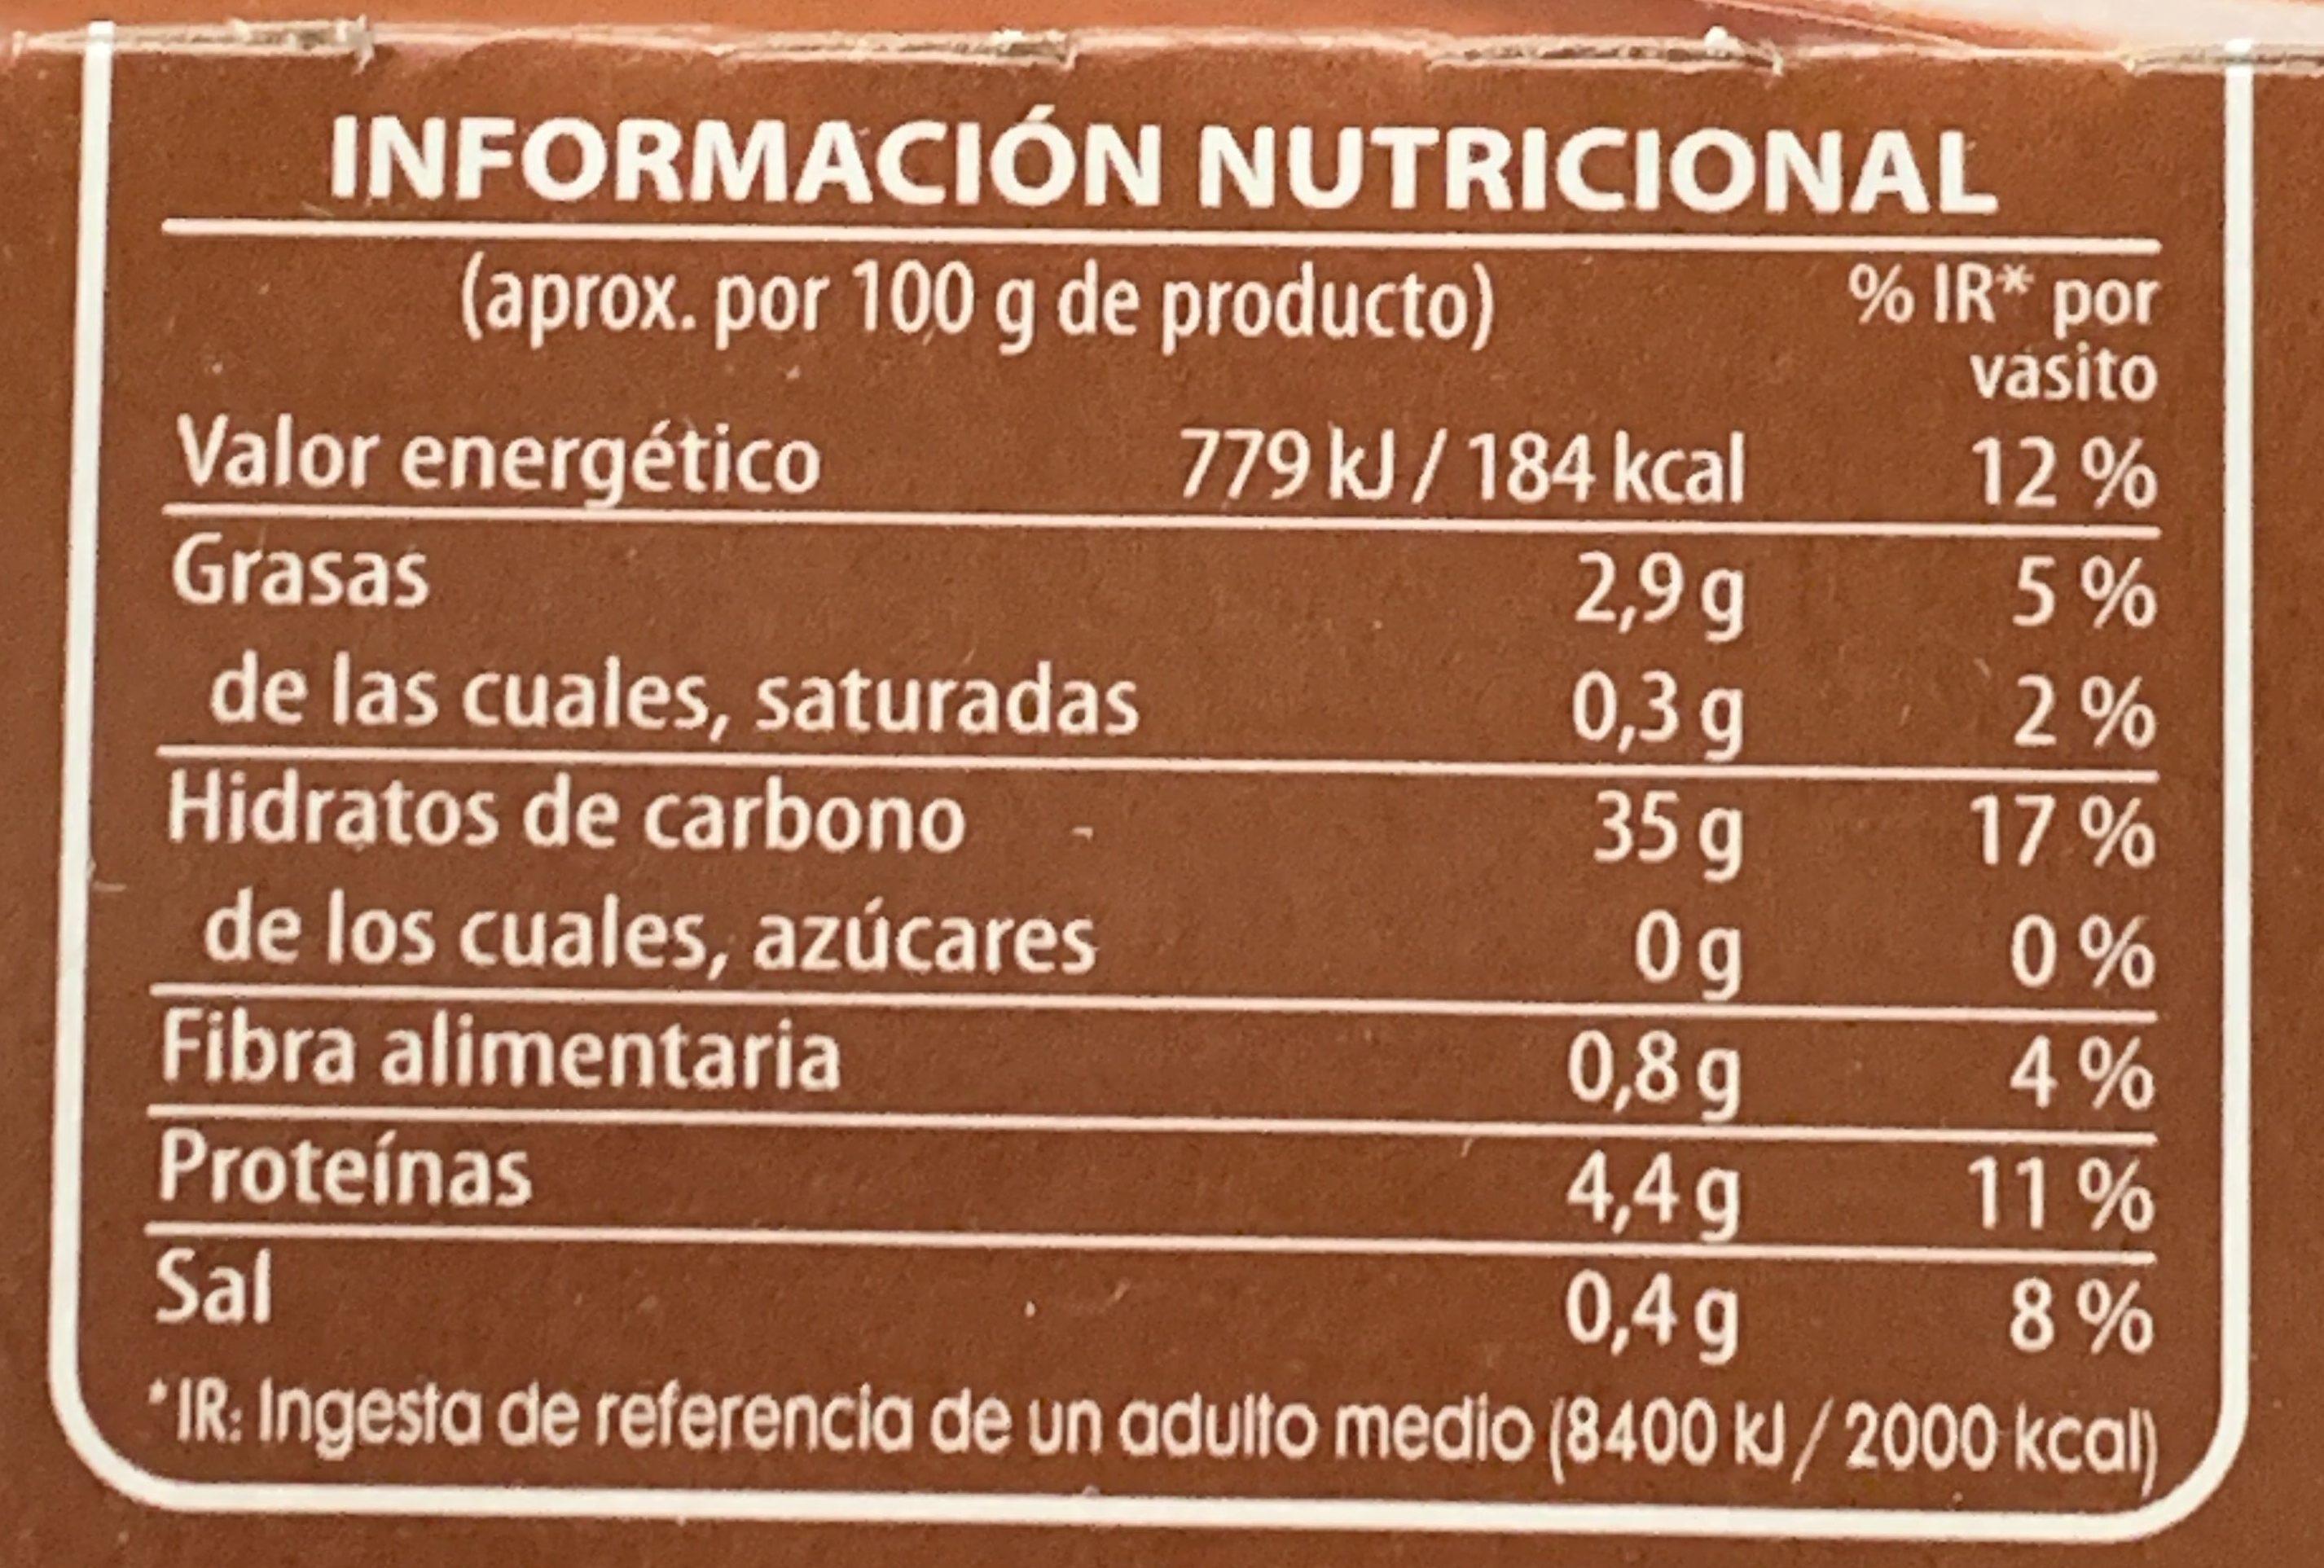 Arroz basmati salvaje cocido para guarnición pack 2 envases 125 g - Información nutricional